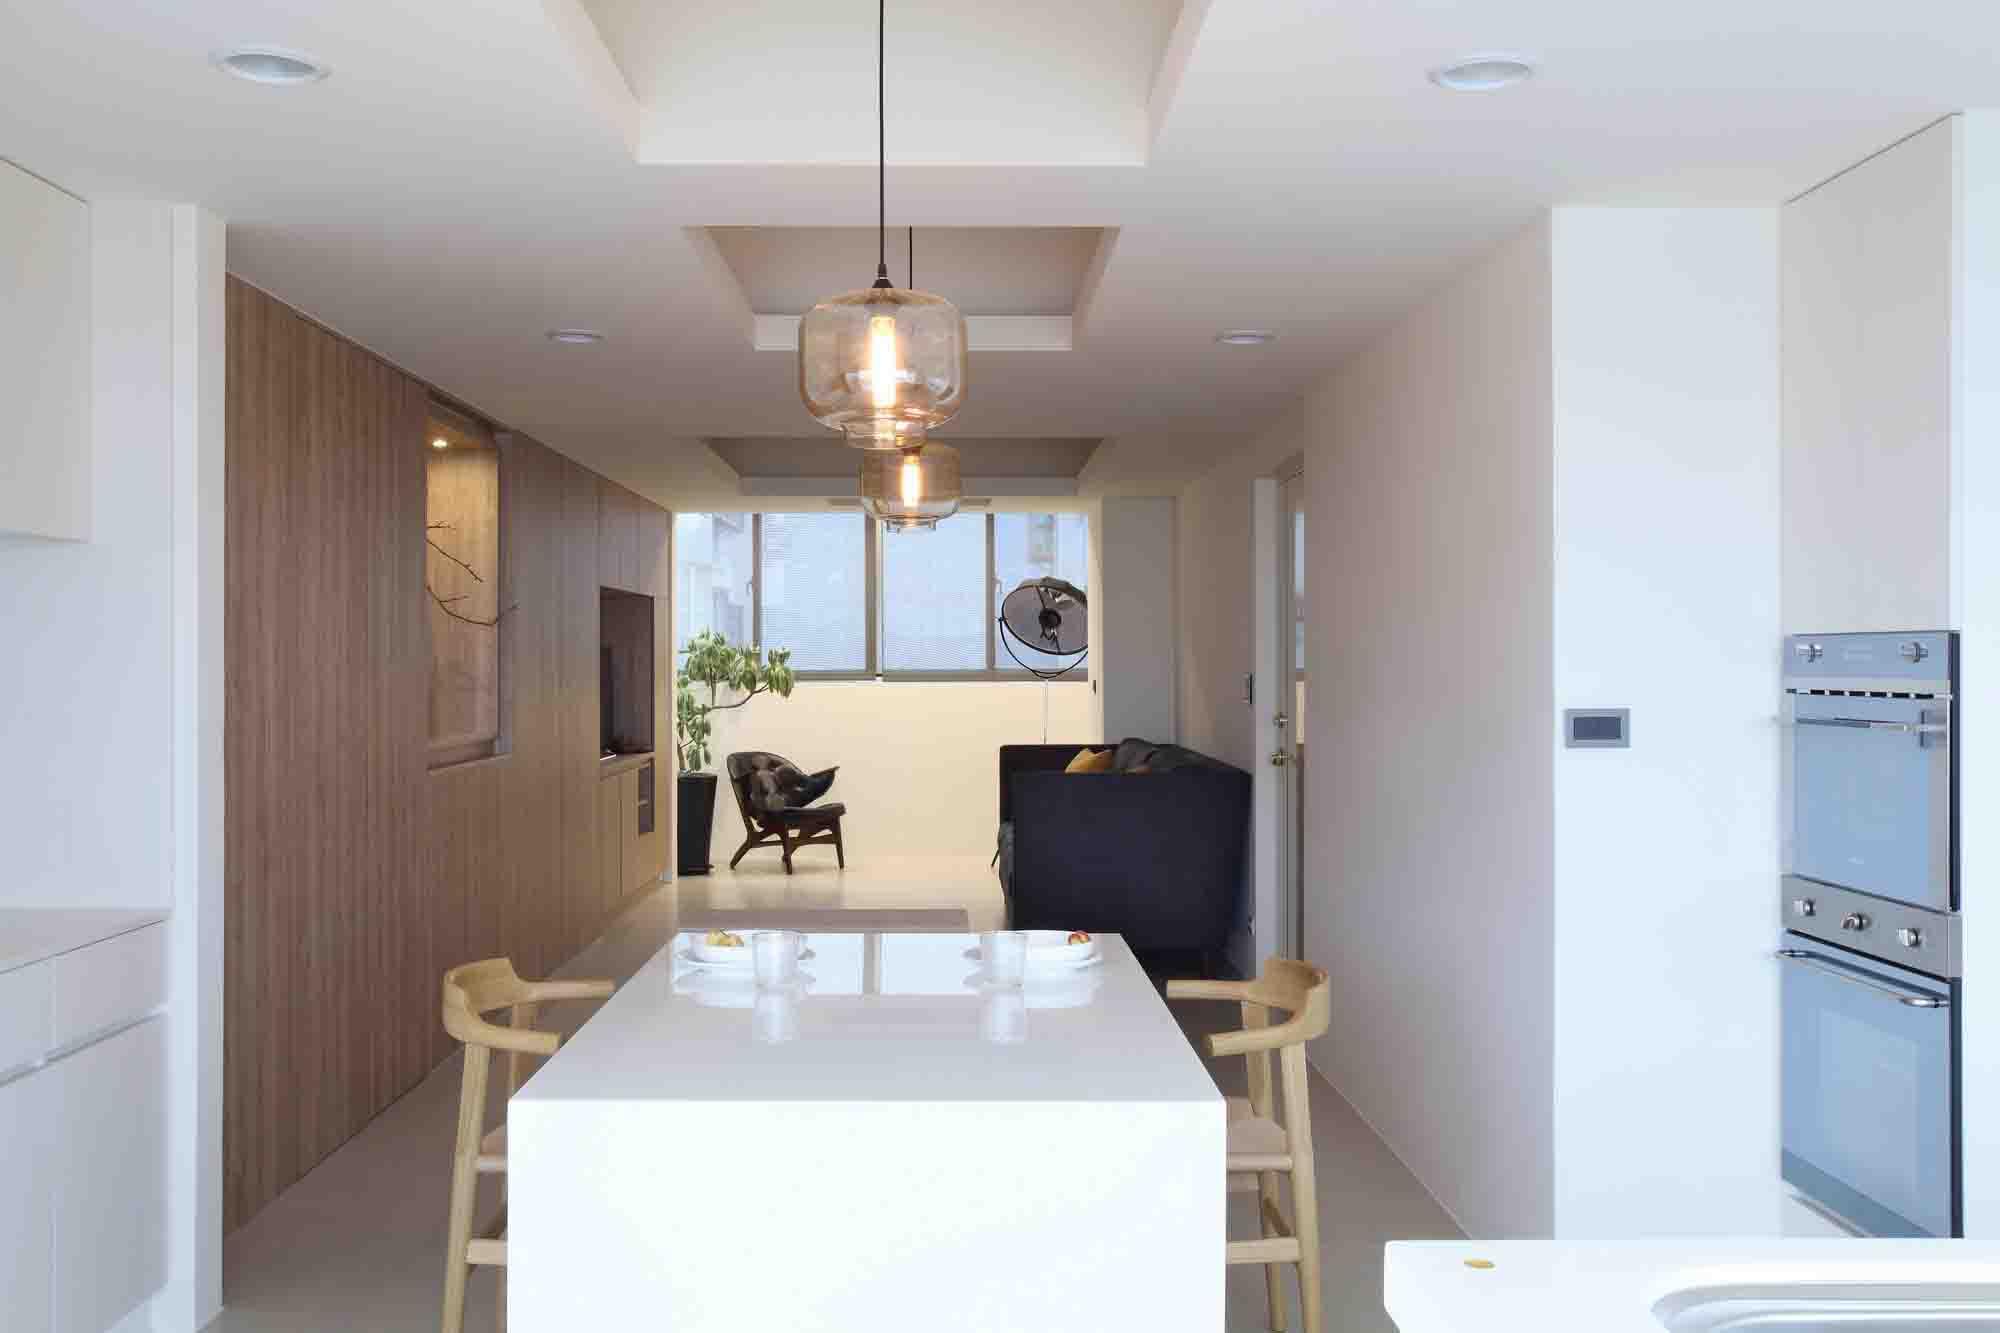 新房室內設計也太漂亮了,進門就被征服了!整個空間佈局簡約明了